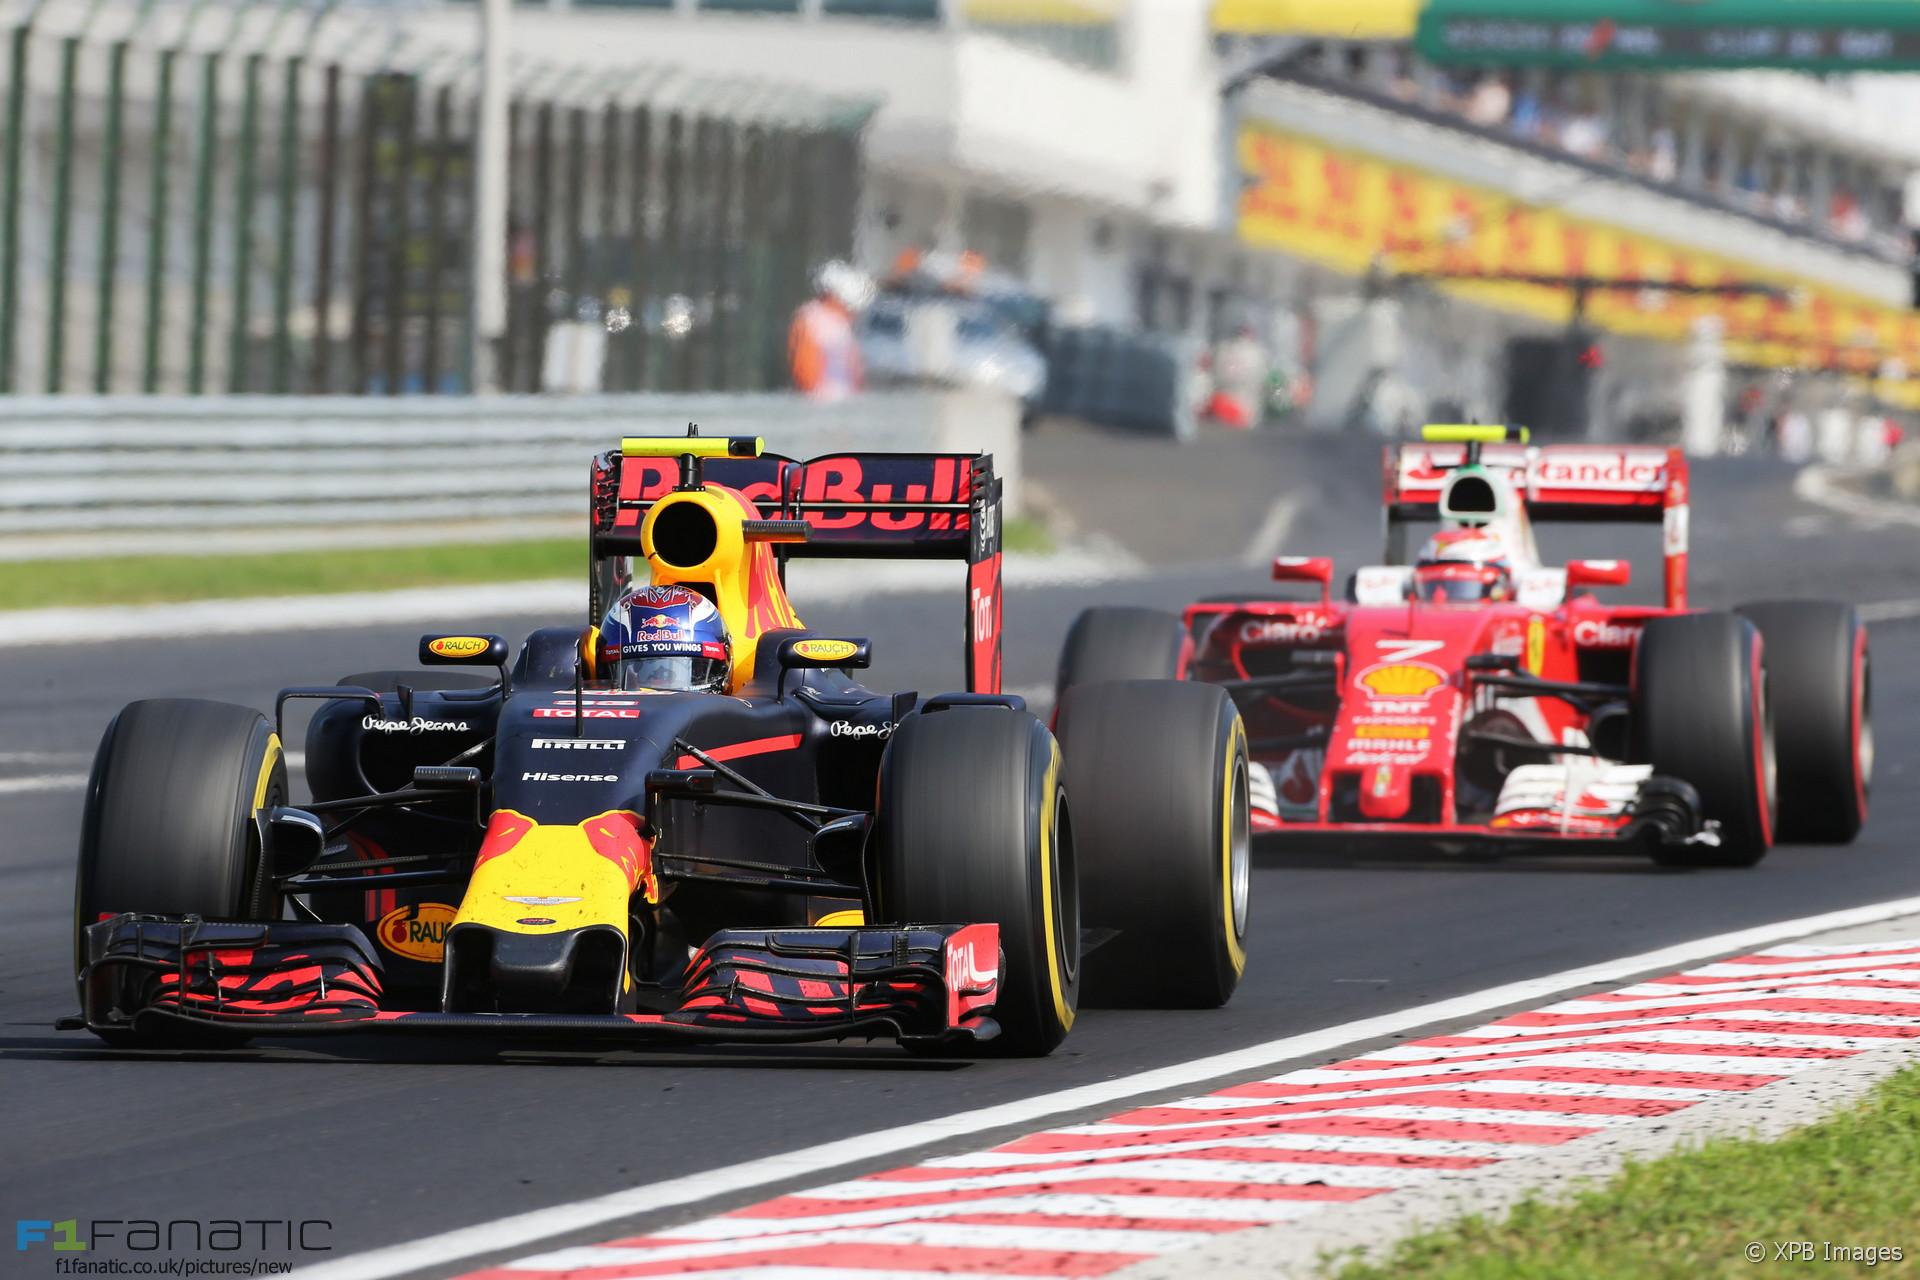 Max Verstappen, Red Bull, Hungaroring, 2016